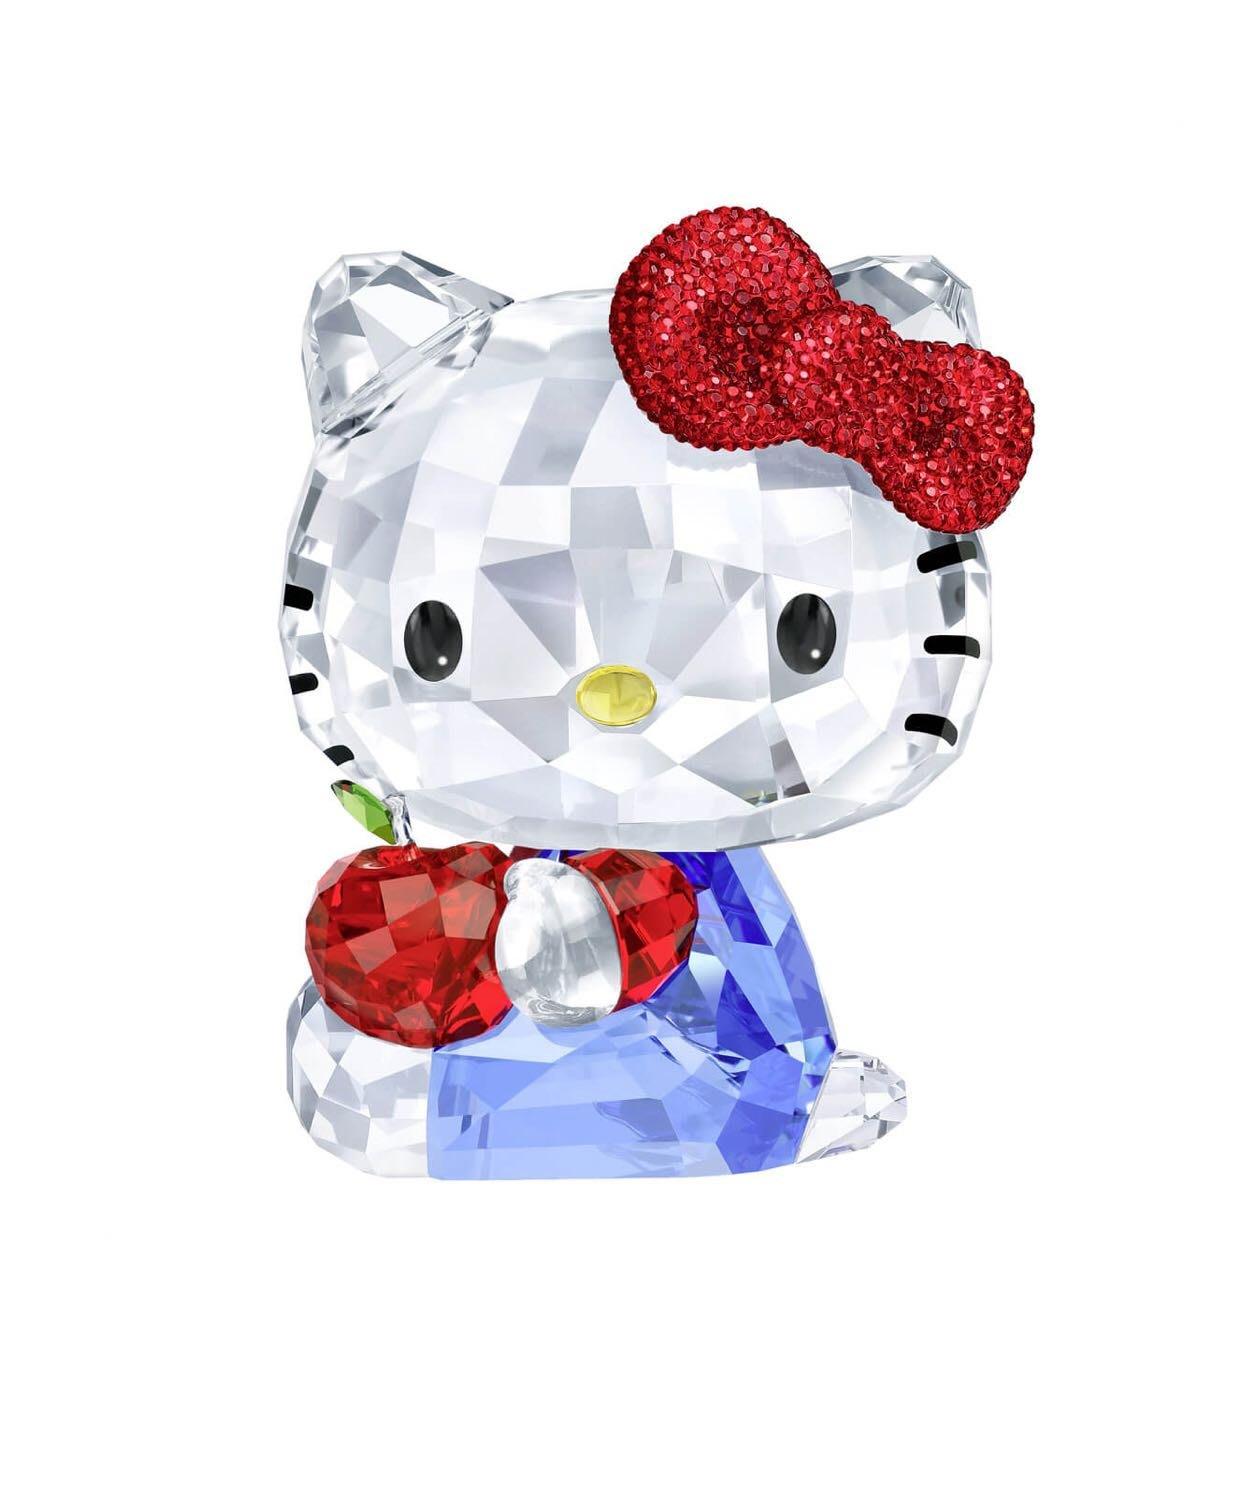 甯@全新專櫃正品 SWAROVSKI 施華洛世奇 水晶塑像~ Hello Kitty 與紅蘋果